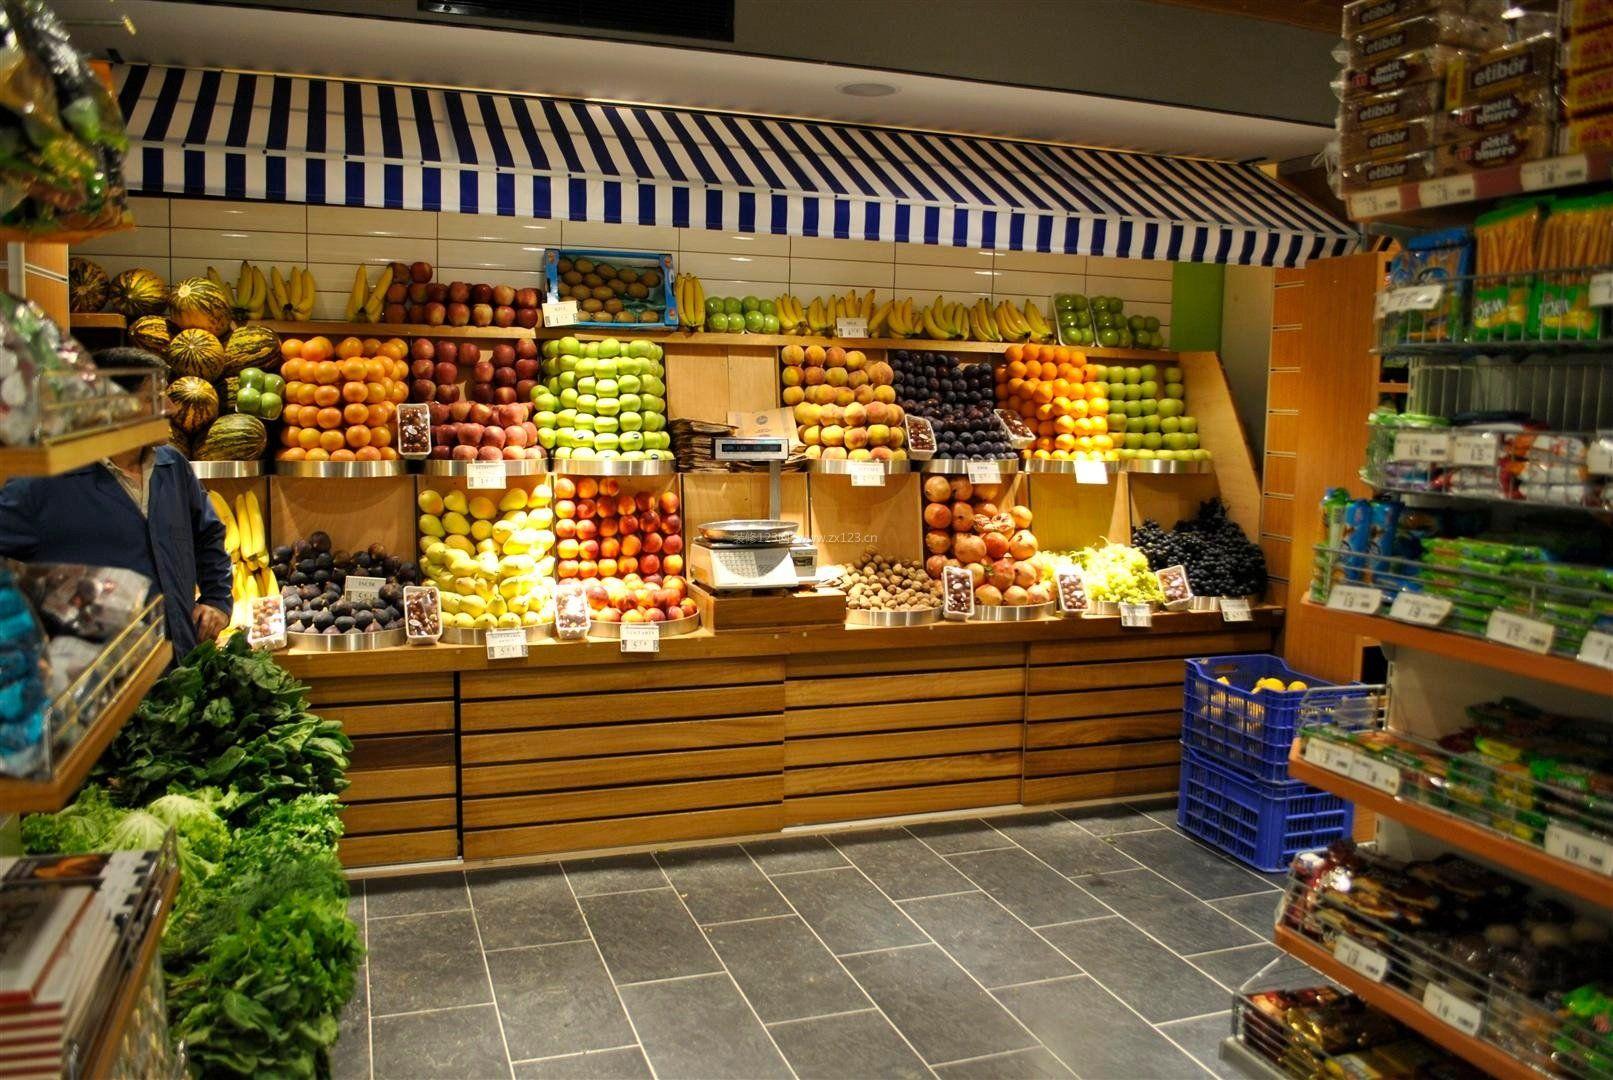 大型水果店门面装修设计效果图片